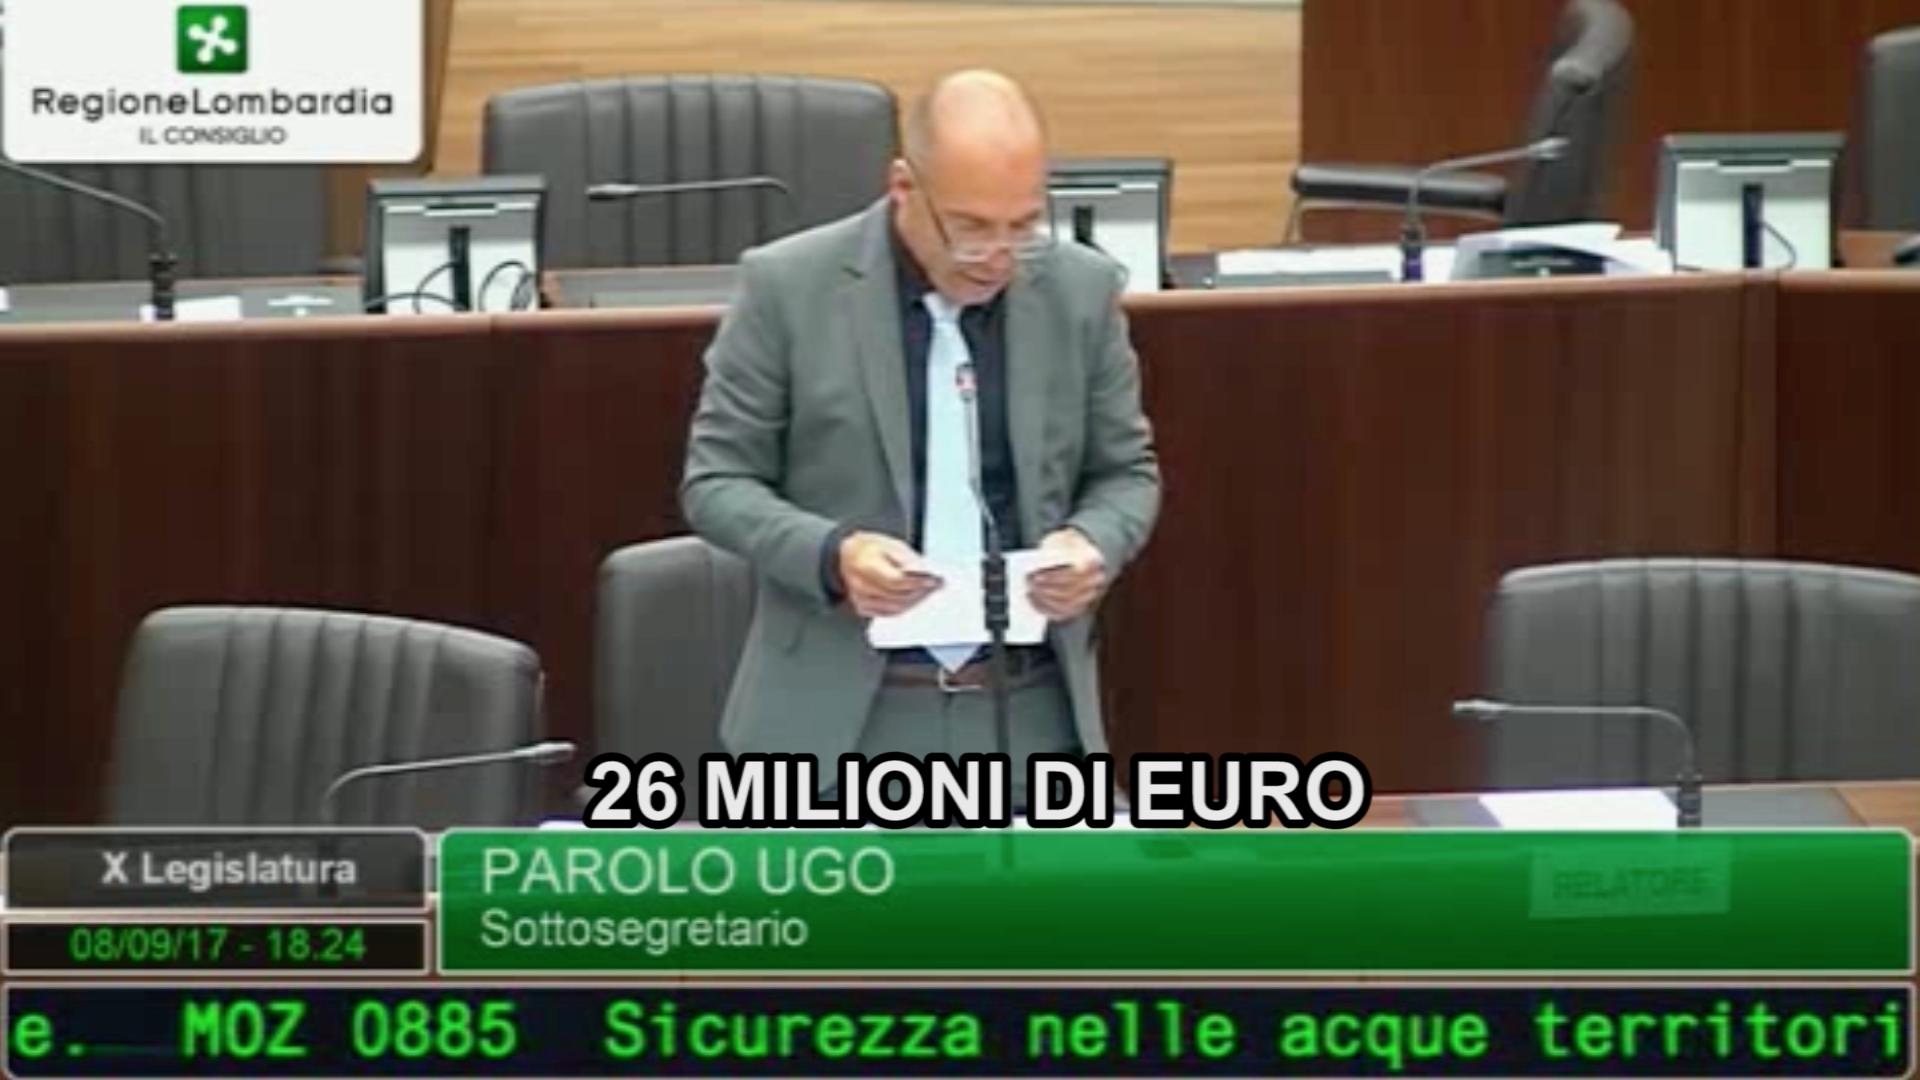 La Lega da i numeri: dichiara 26 milioni di finanziamento ma ne stanzia solo 26 mila!